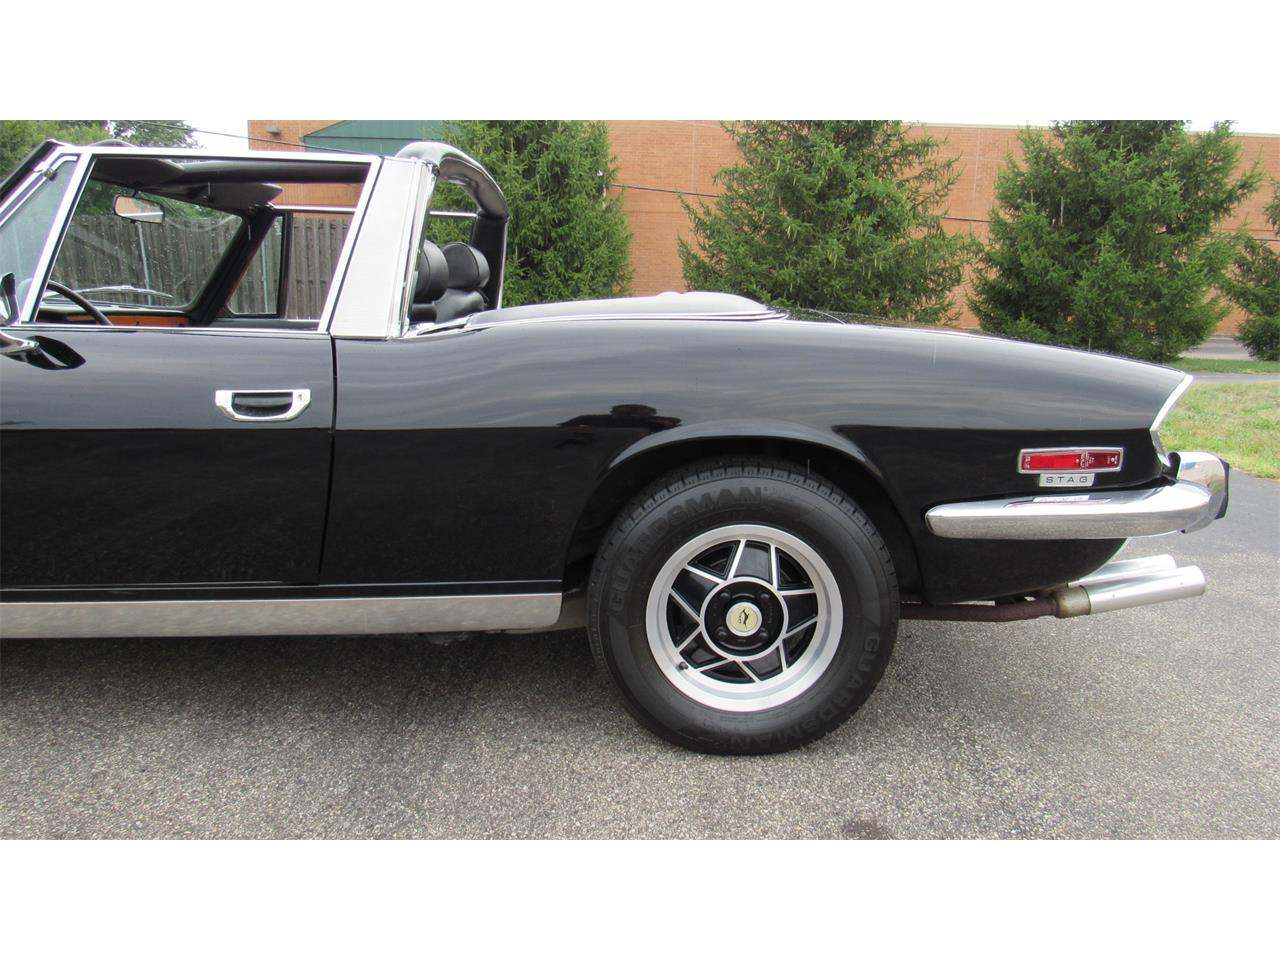 1973 Triumph Stag (CC-1247171) for sale in Milford, Ohio